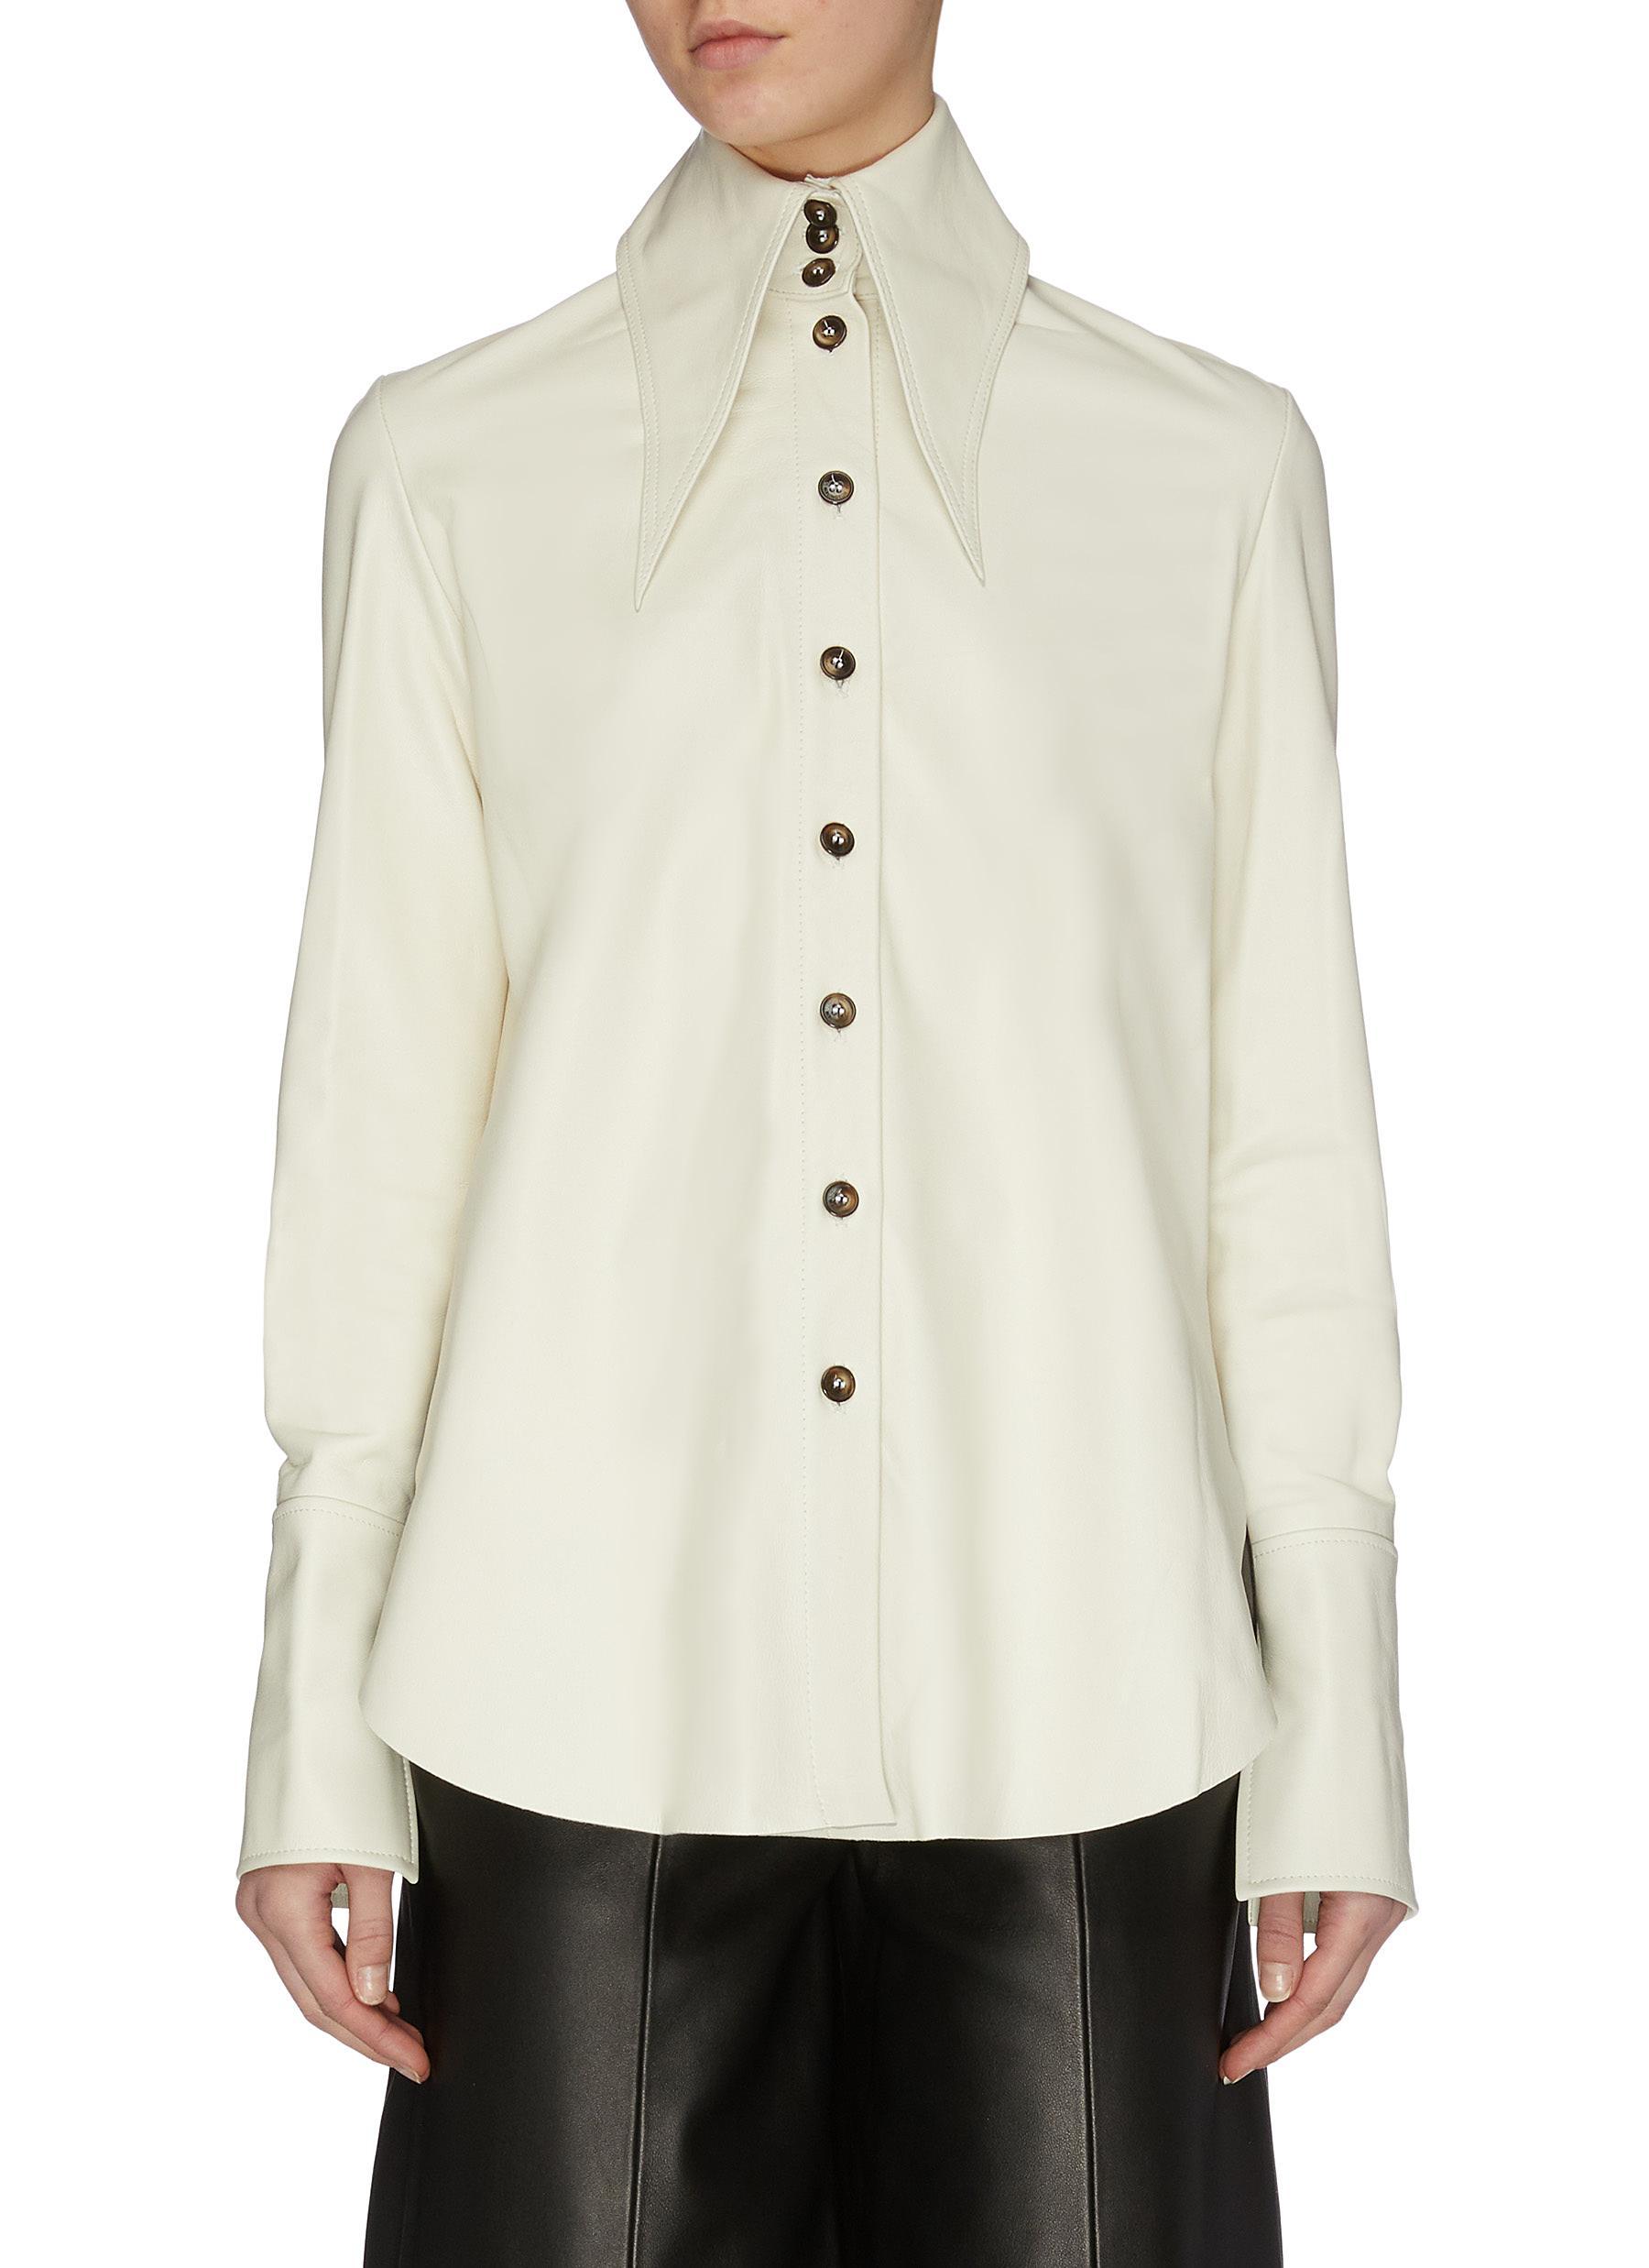 Buy 16Arlington Tops 'Seymour' nappa leather shirt